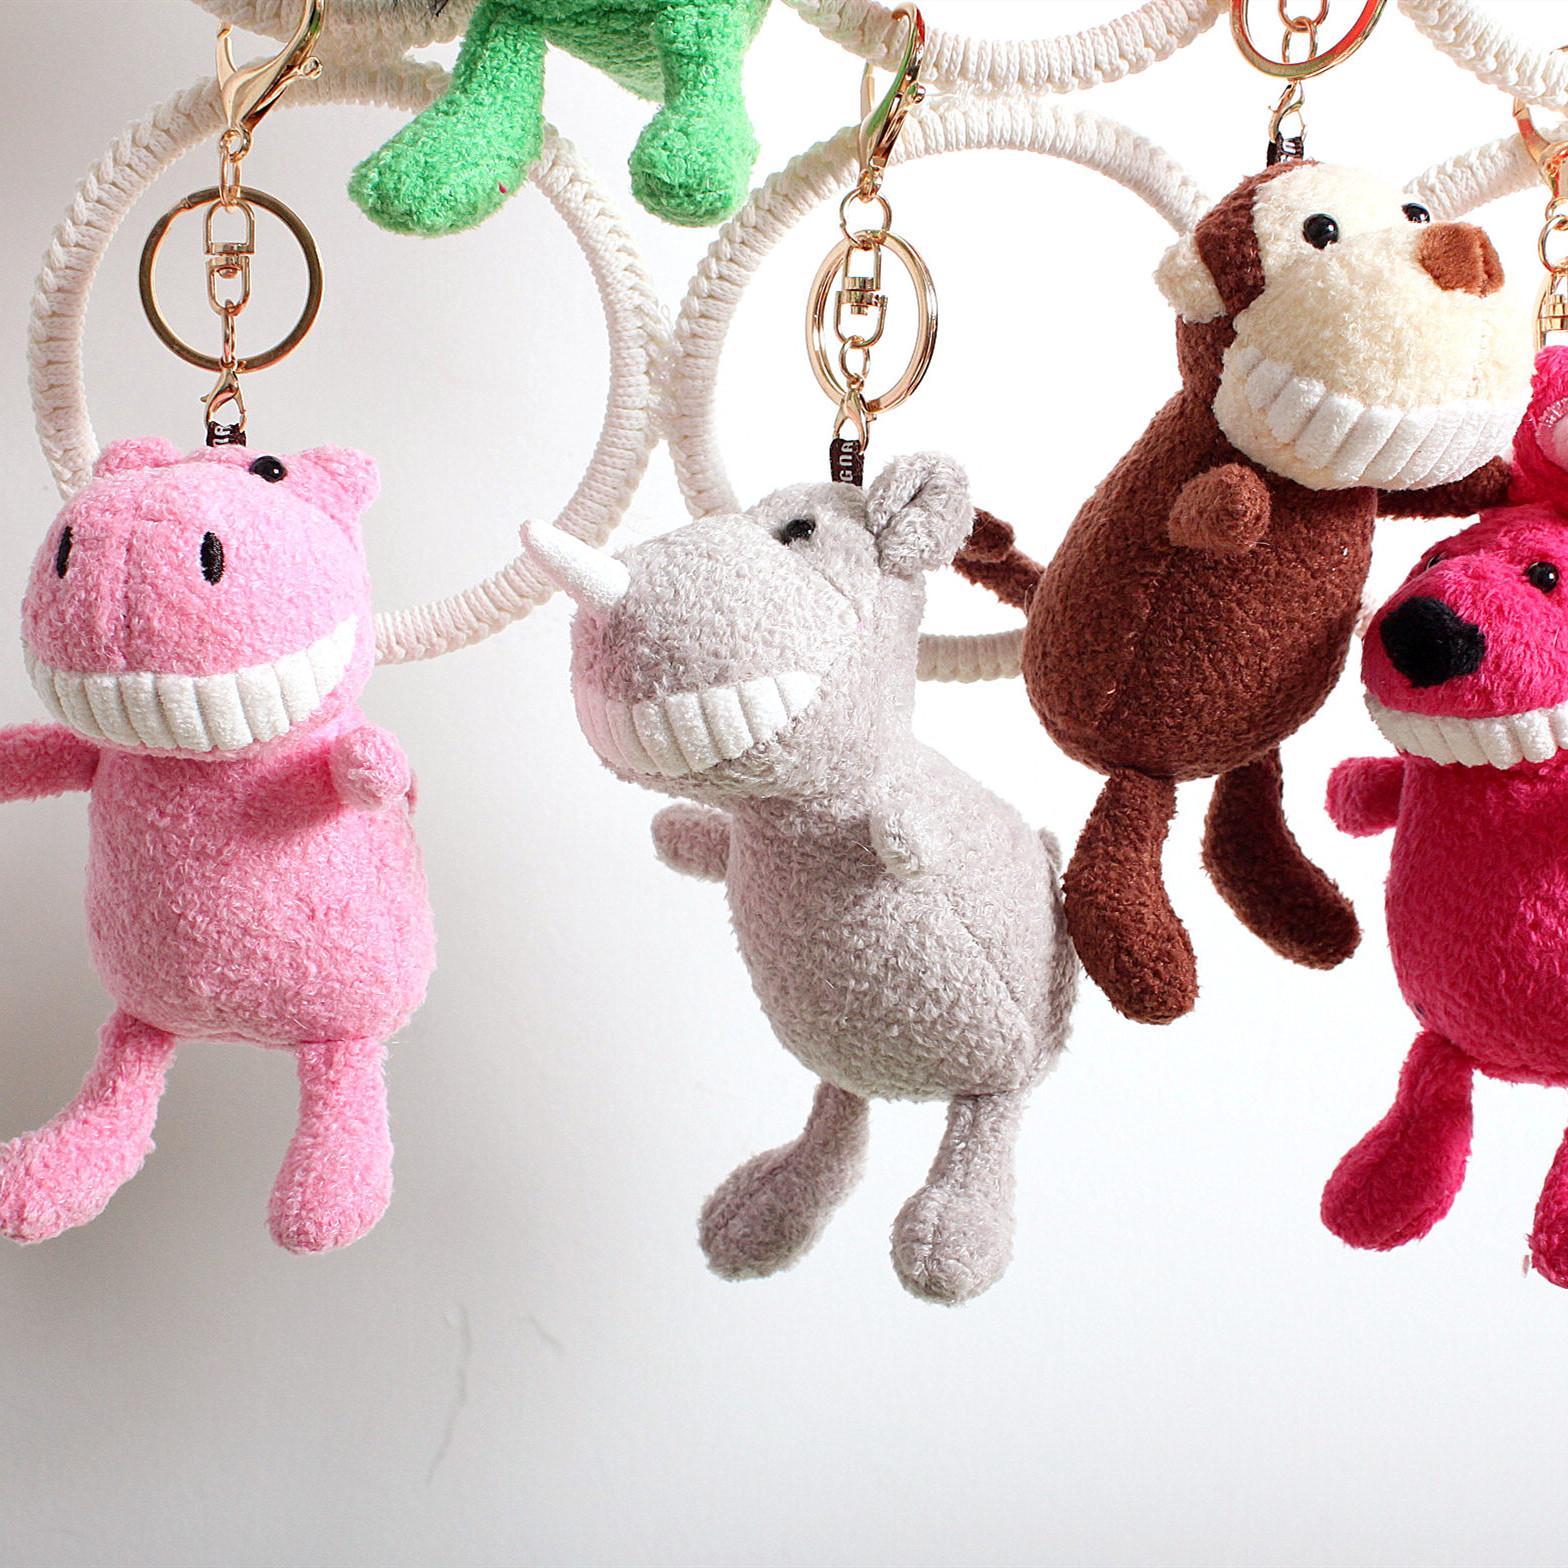 10-12新券nunnun抓娃娃机挂件动物小号小玩偶